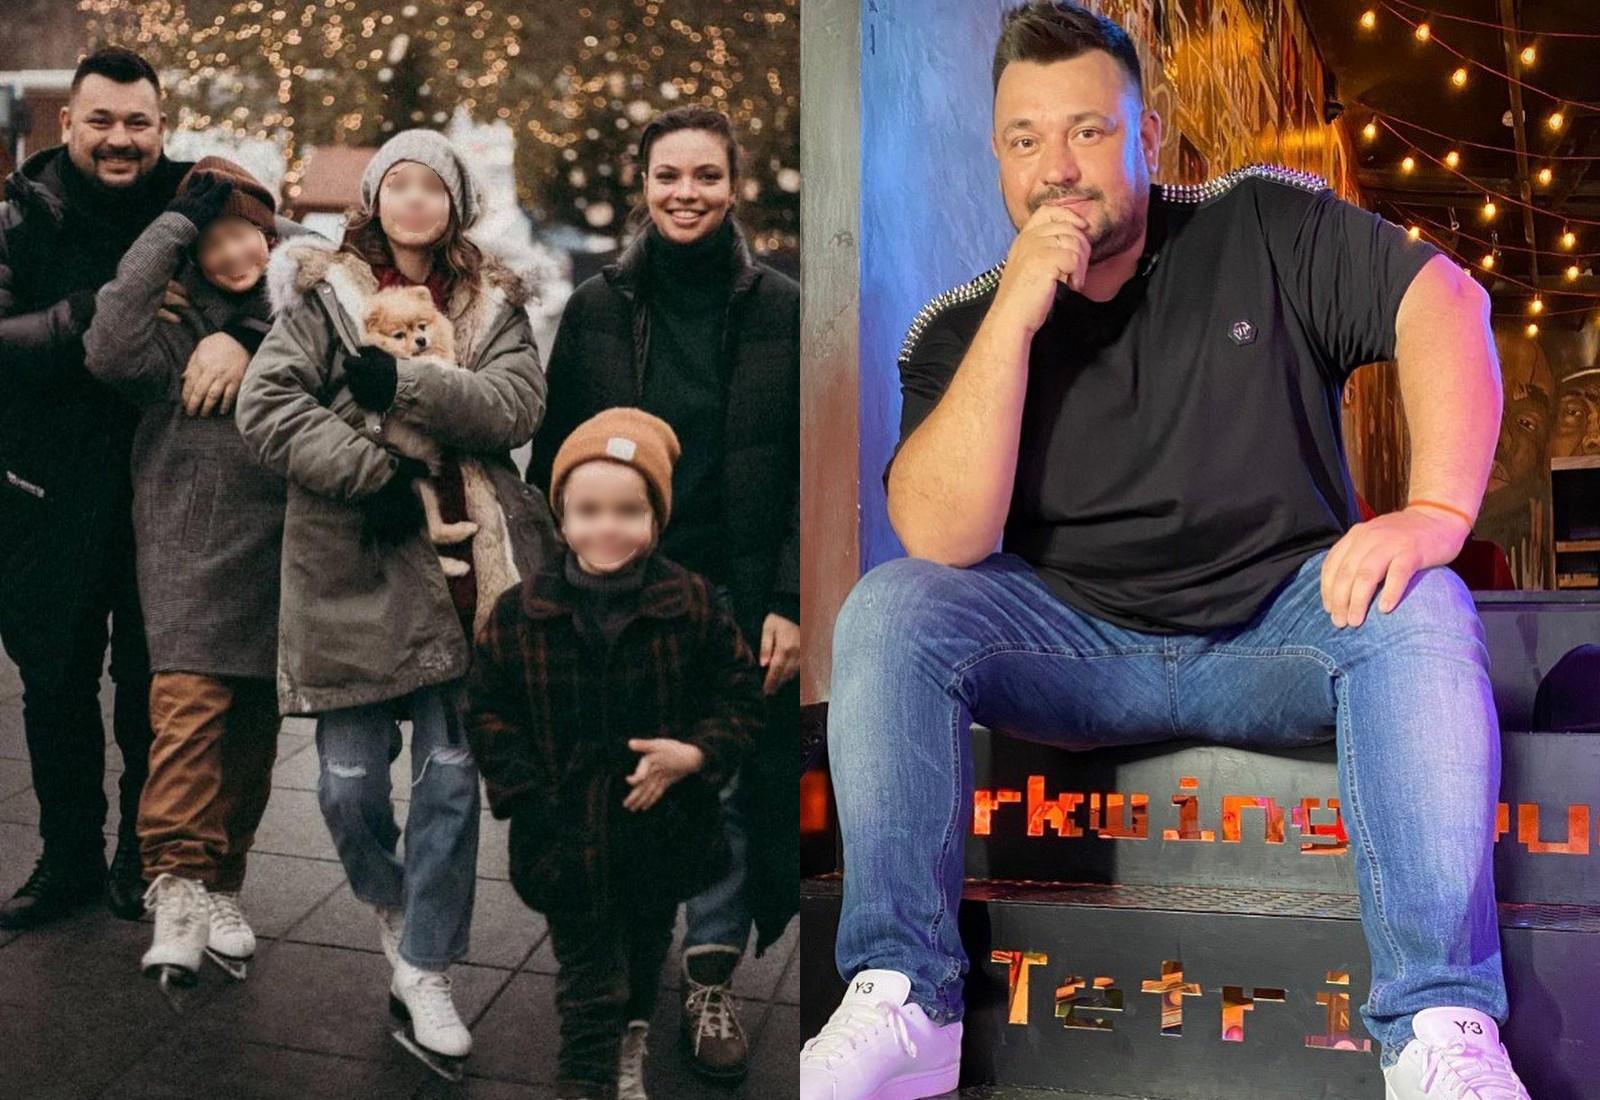 Сергей Жуков с новой семьёй. Фото © Instagram / sezhukov